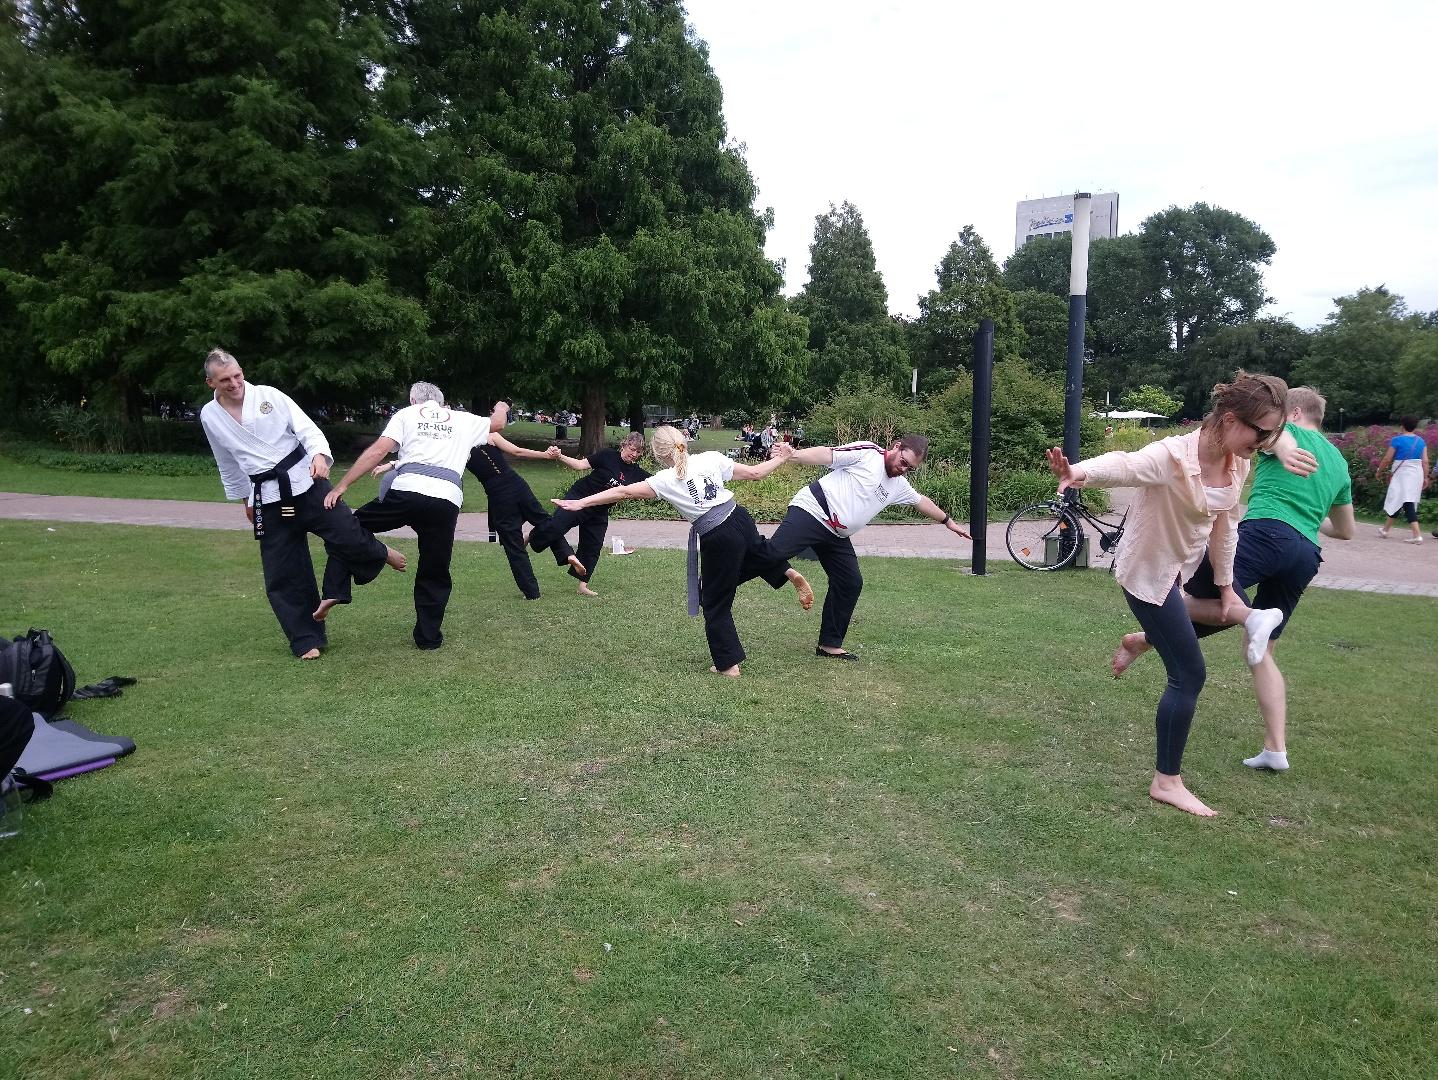 Akrobatik - mit Spaß zum Team werden